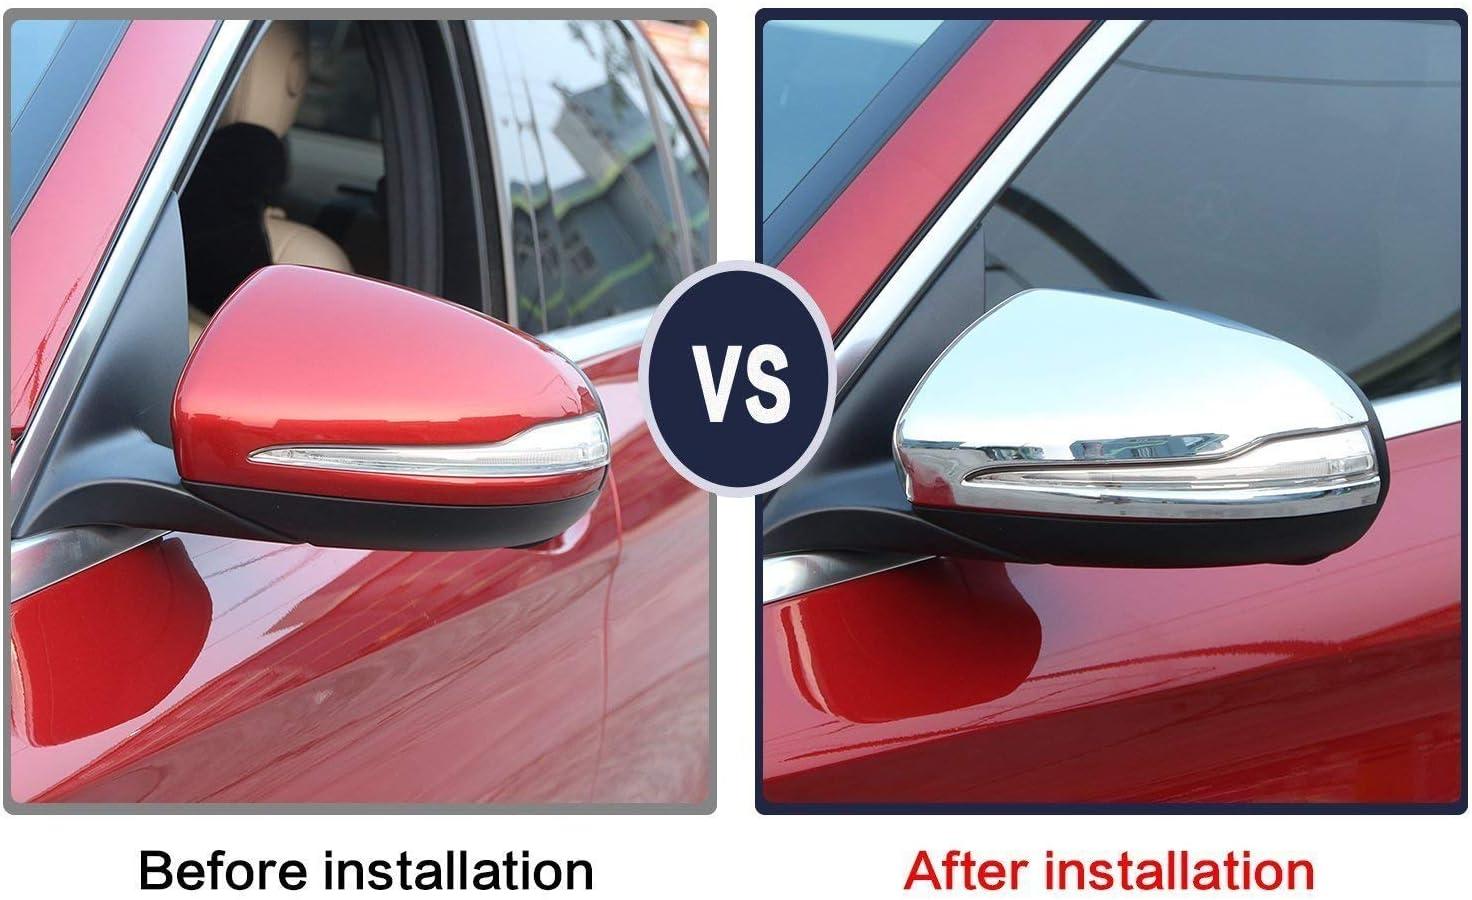 ABS-Chrom-Seitenspiegel-Abdeckung f/ür GLC C-Klasse W205 C180 C200 2015 2017 2 St/ück